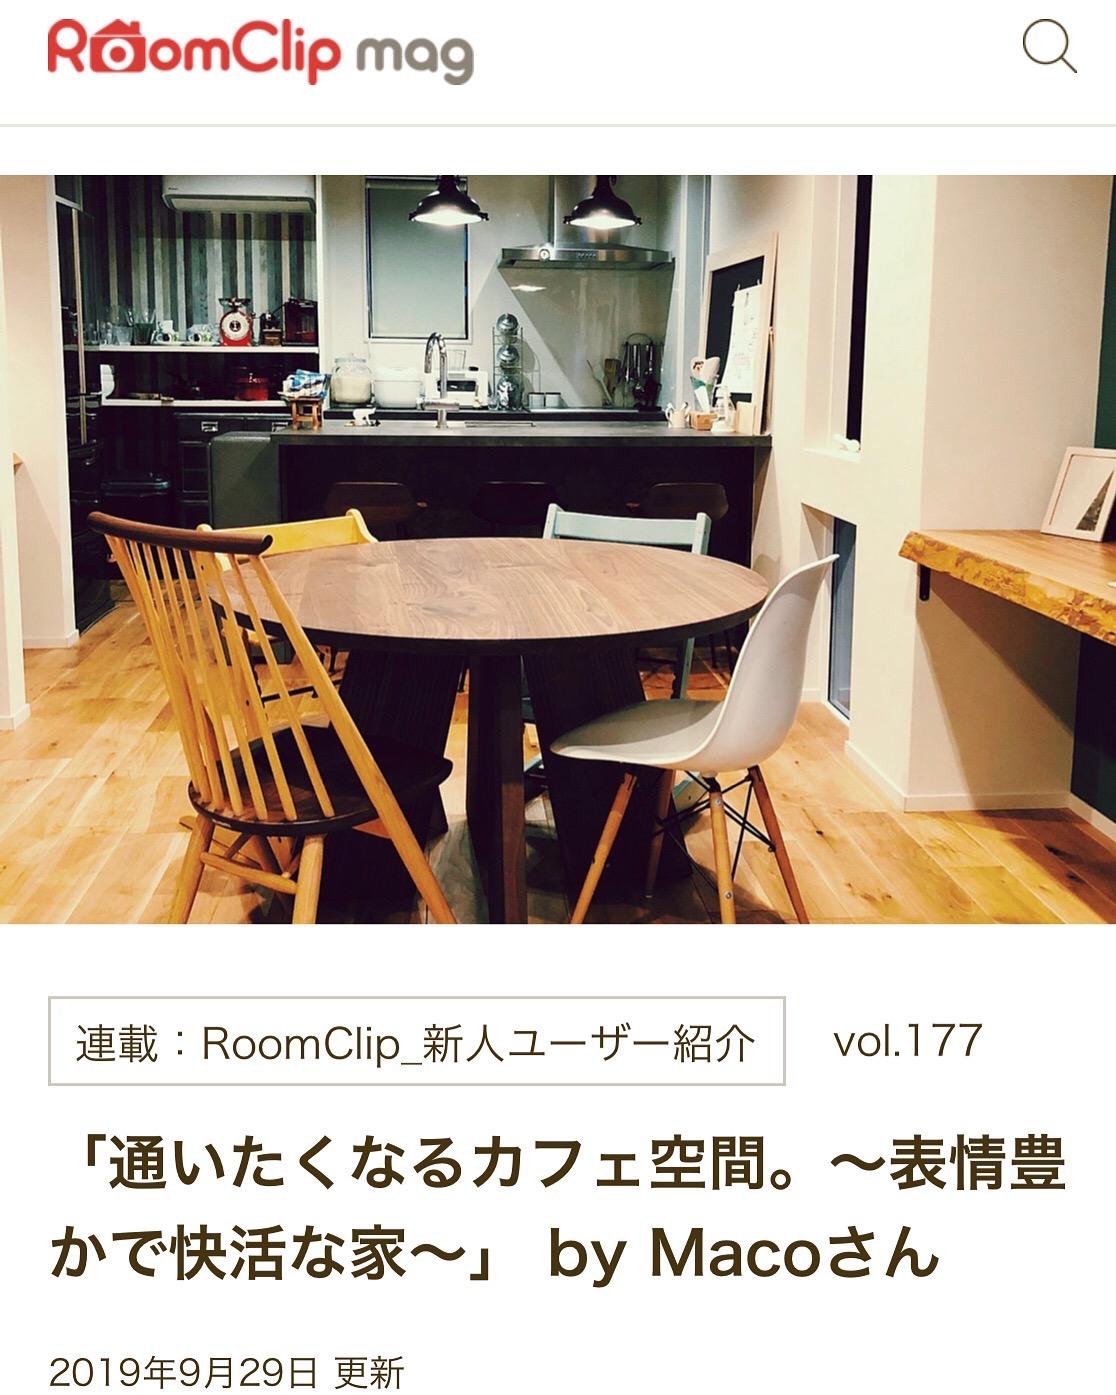 【祝】RoomClip mag に掲載されました!